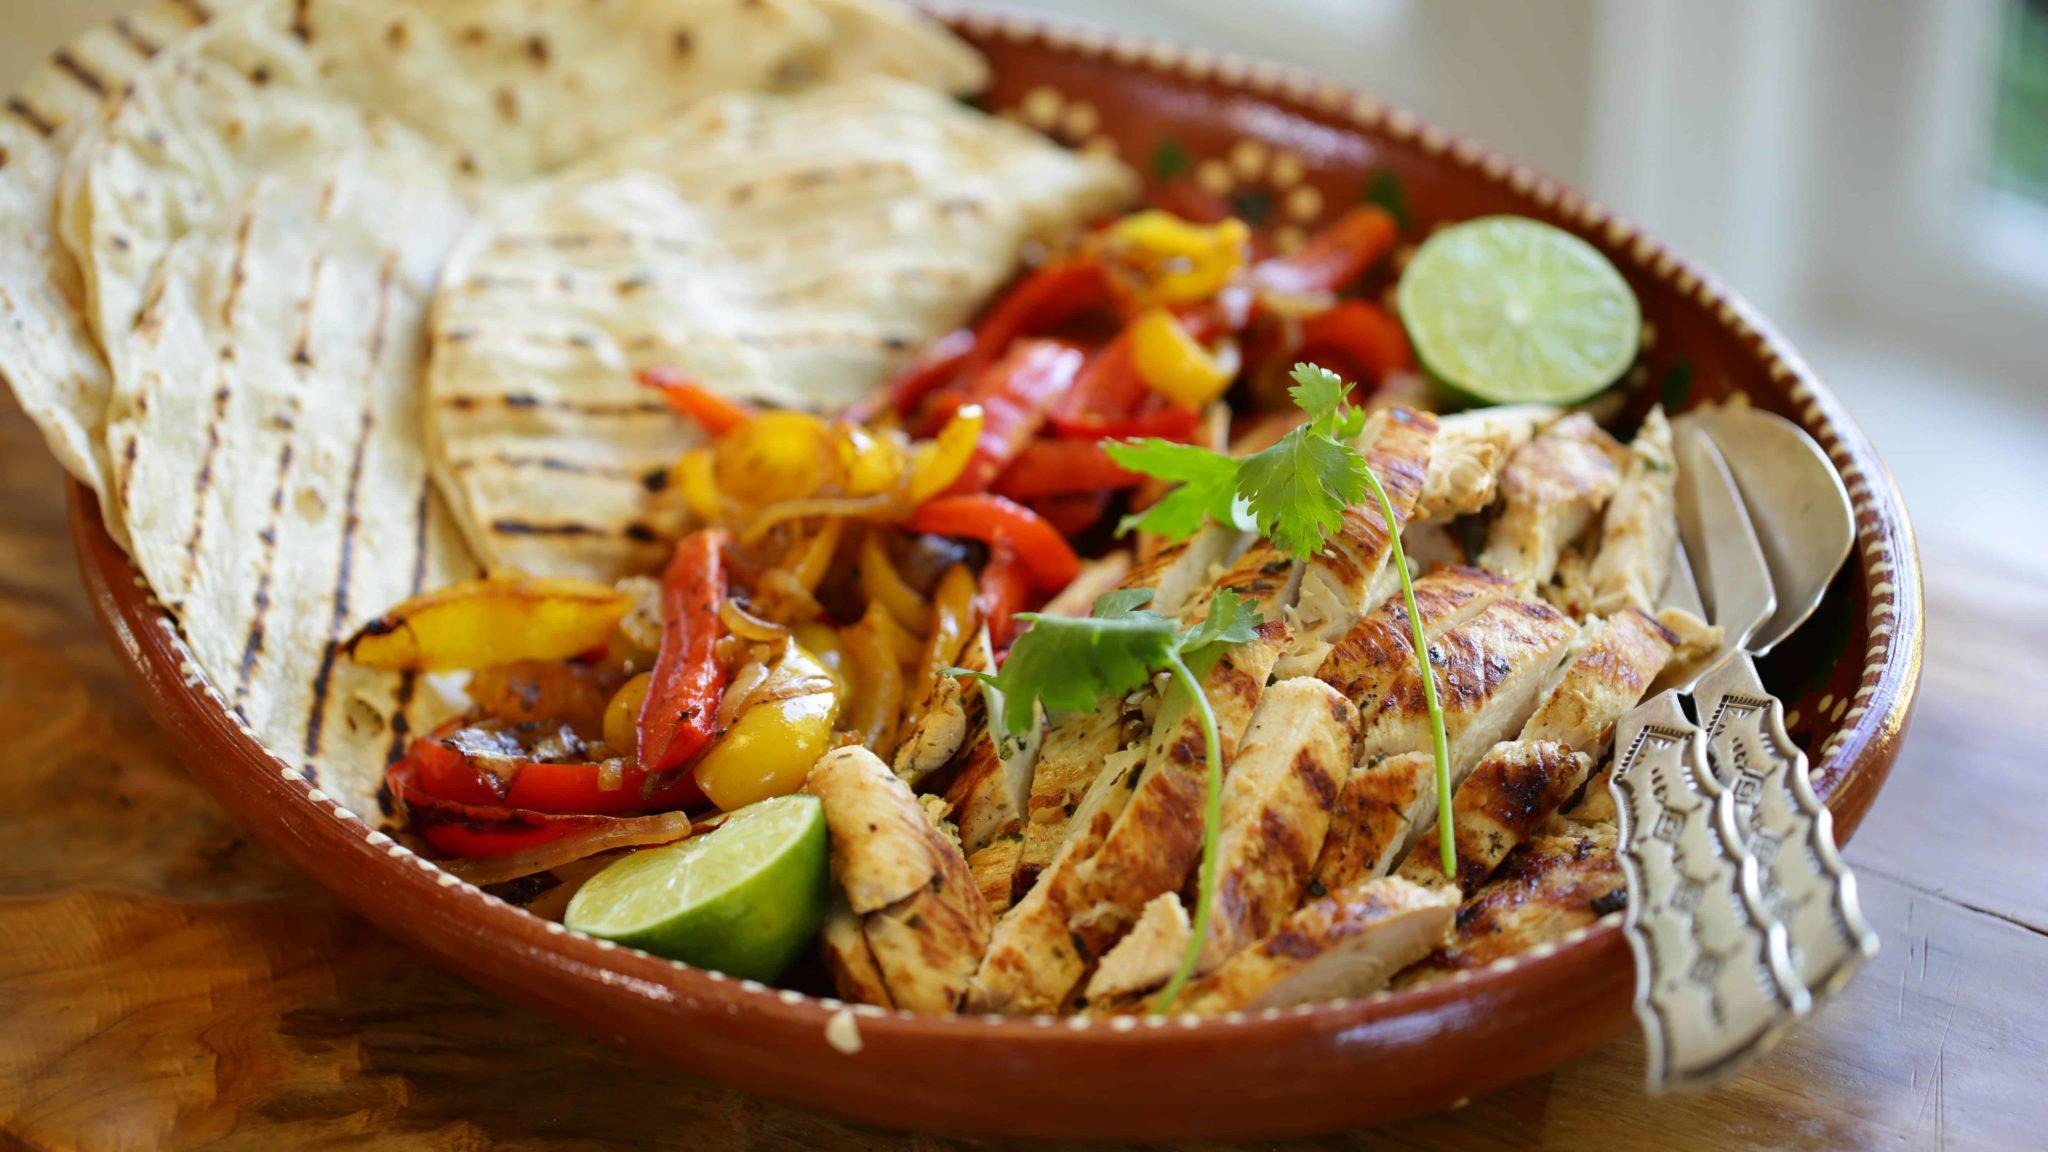 Tequila Lime Chicken Fajita Recipe